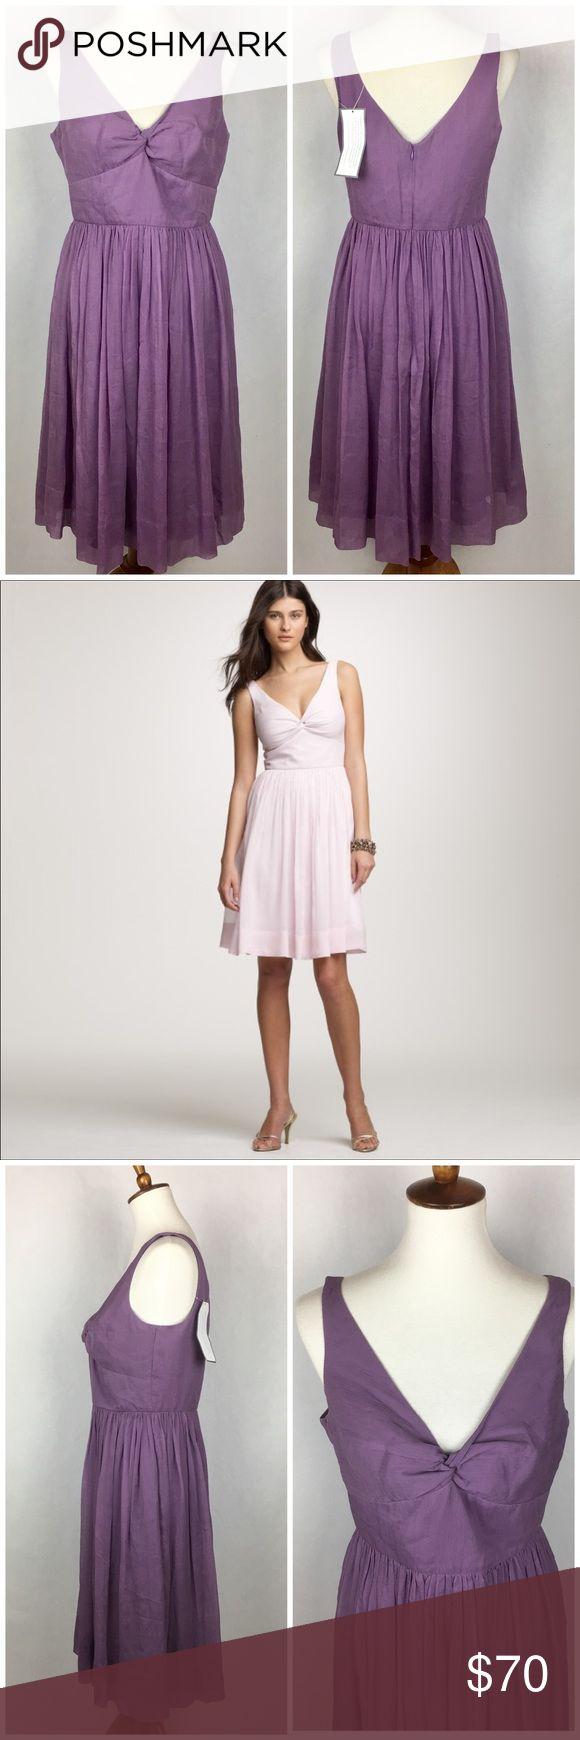 J. Crew Silk Chiffon Twist Tank Dress J. Crew Silk Chiffon Twist Tank Dress   Size 10  100% Silk NWT $170 New with tag  Color code: STH Style # 98999  Beautiful purple wedding dress. J. Crew Dresses Wedding